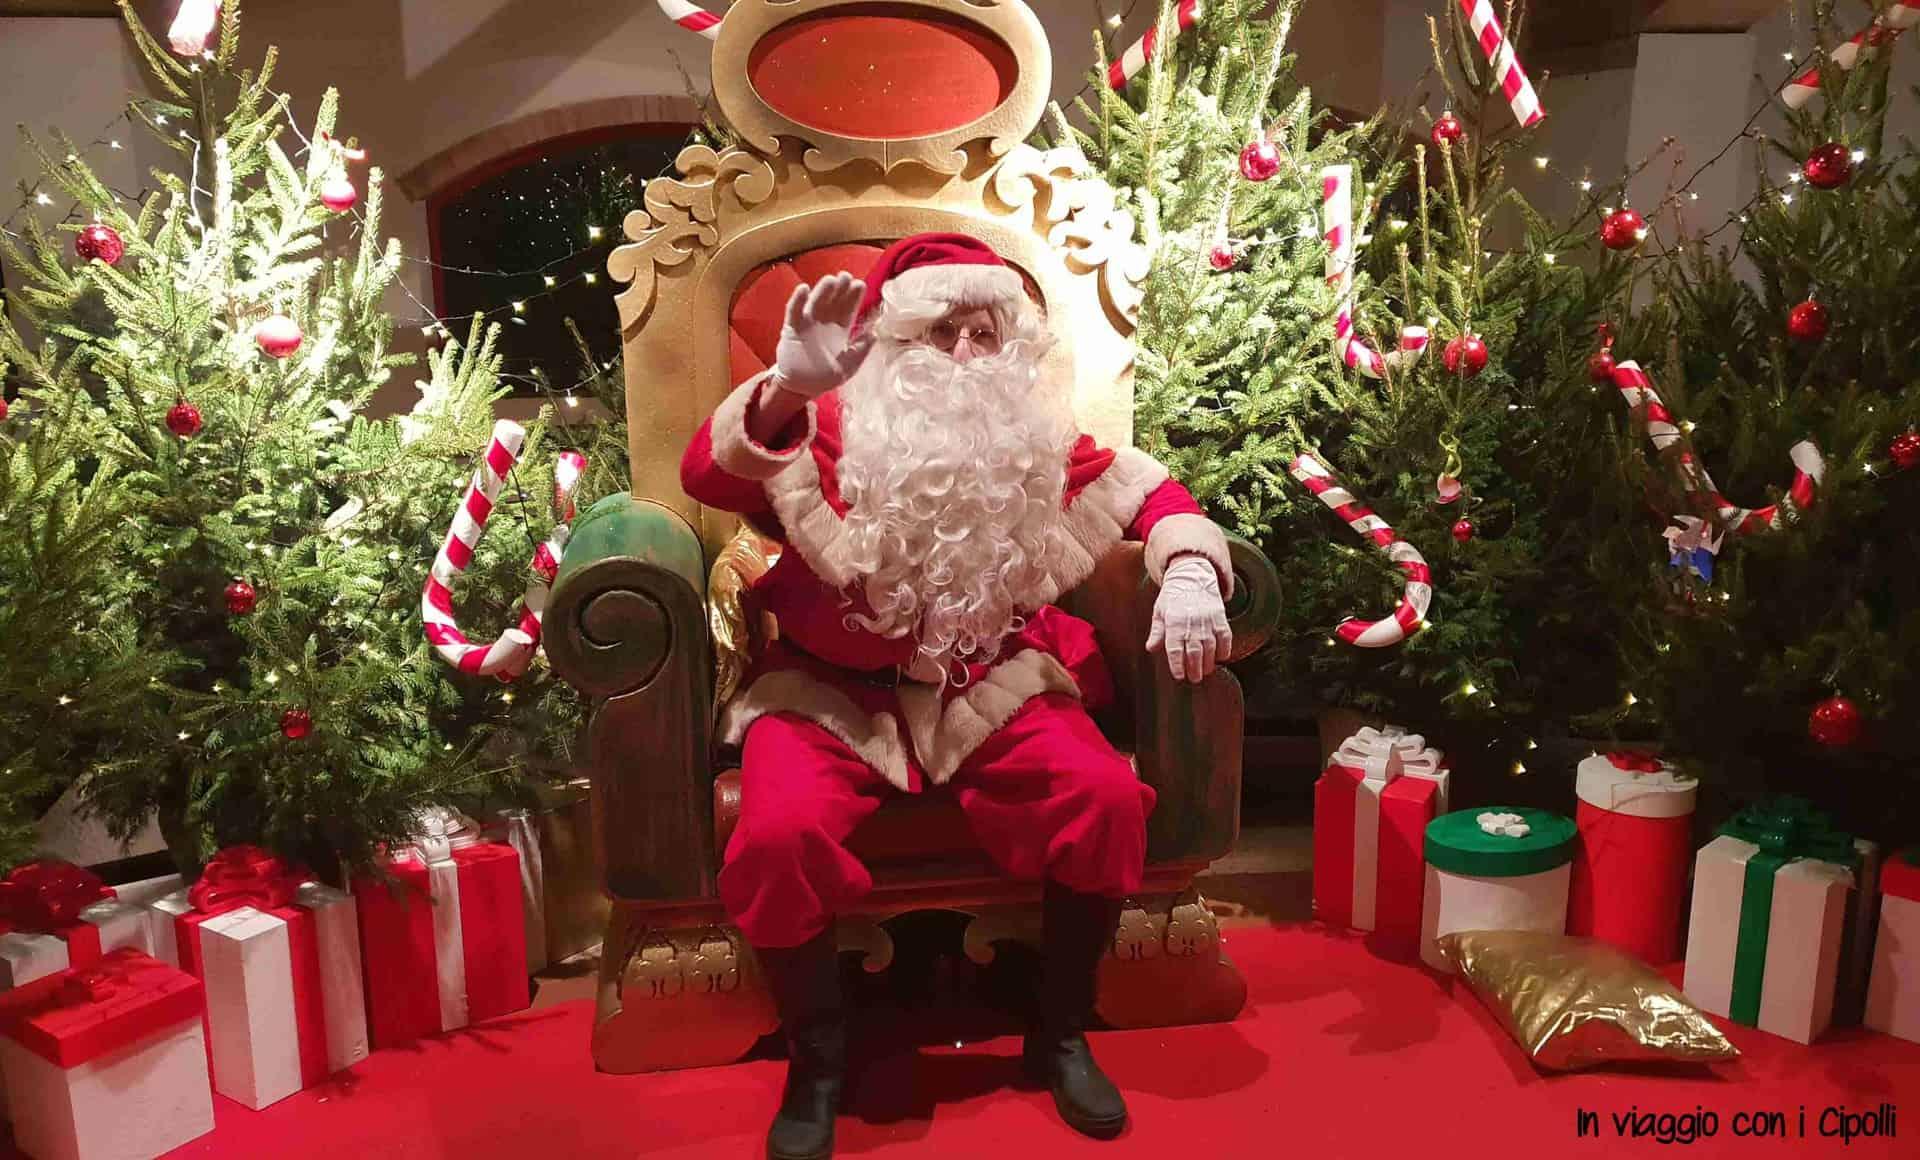 Dove Si Trova In Questo Momento Babbo Natale.Il Villaggio Di Babbo Natale Di Montecatini Terme In Viaggio Con I Cipolli